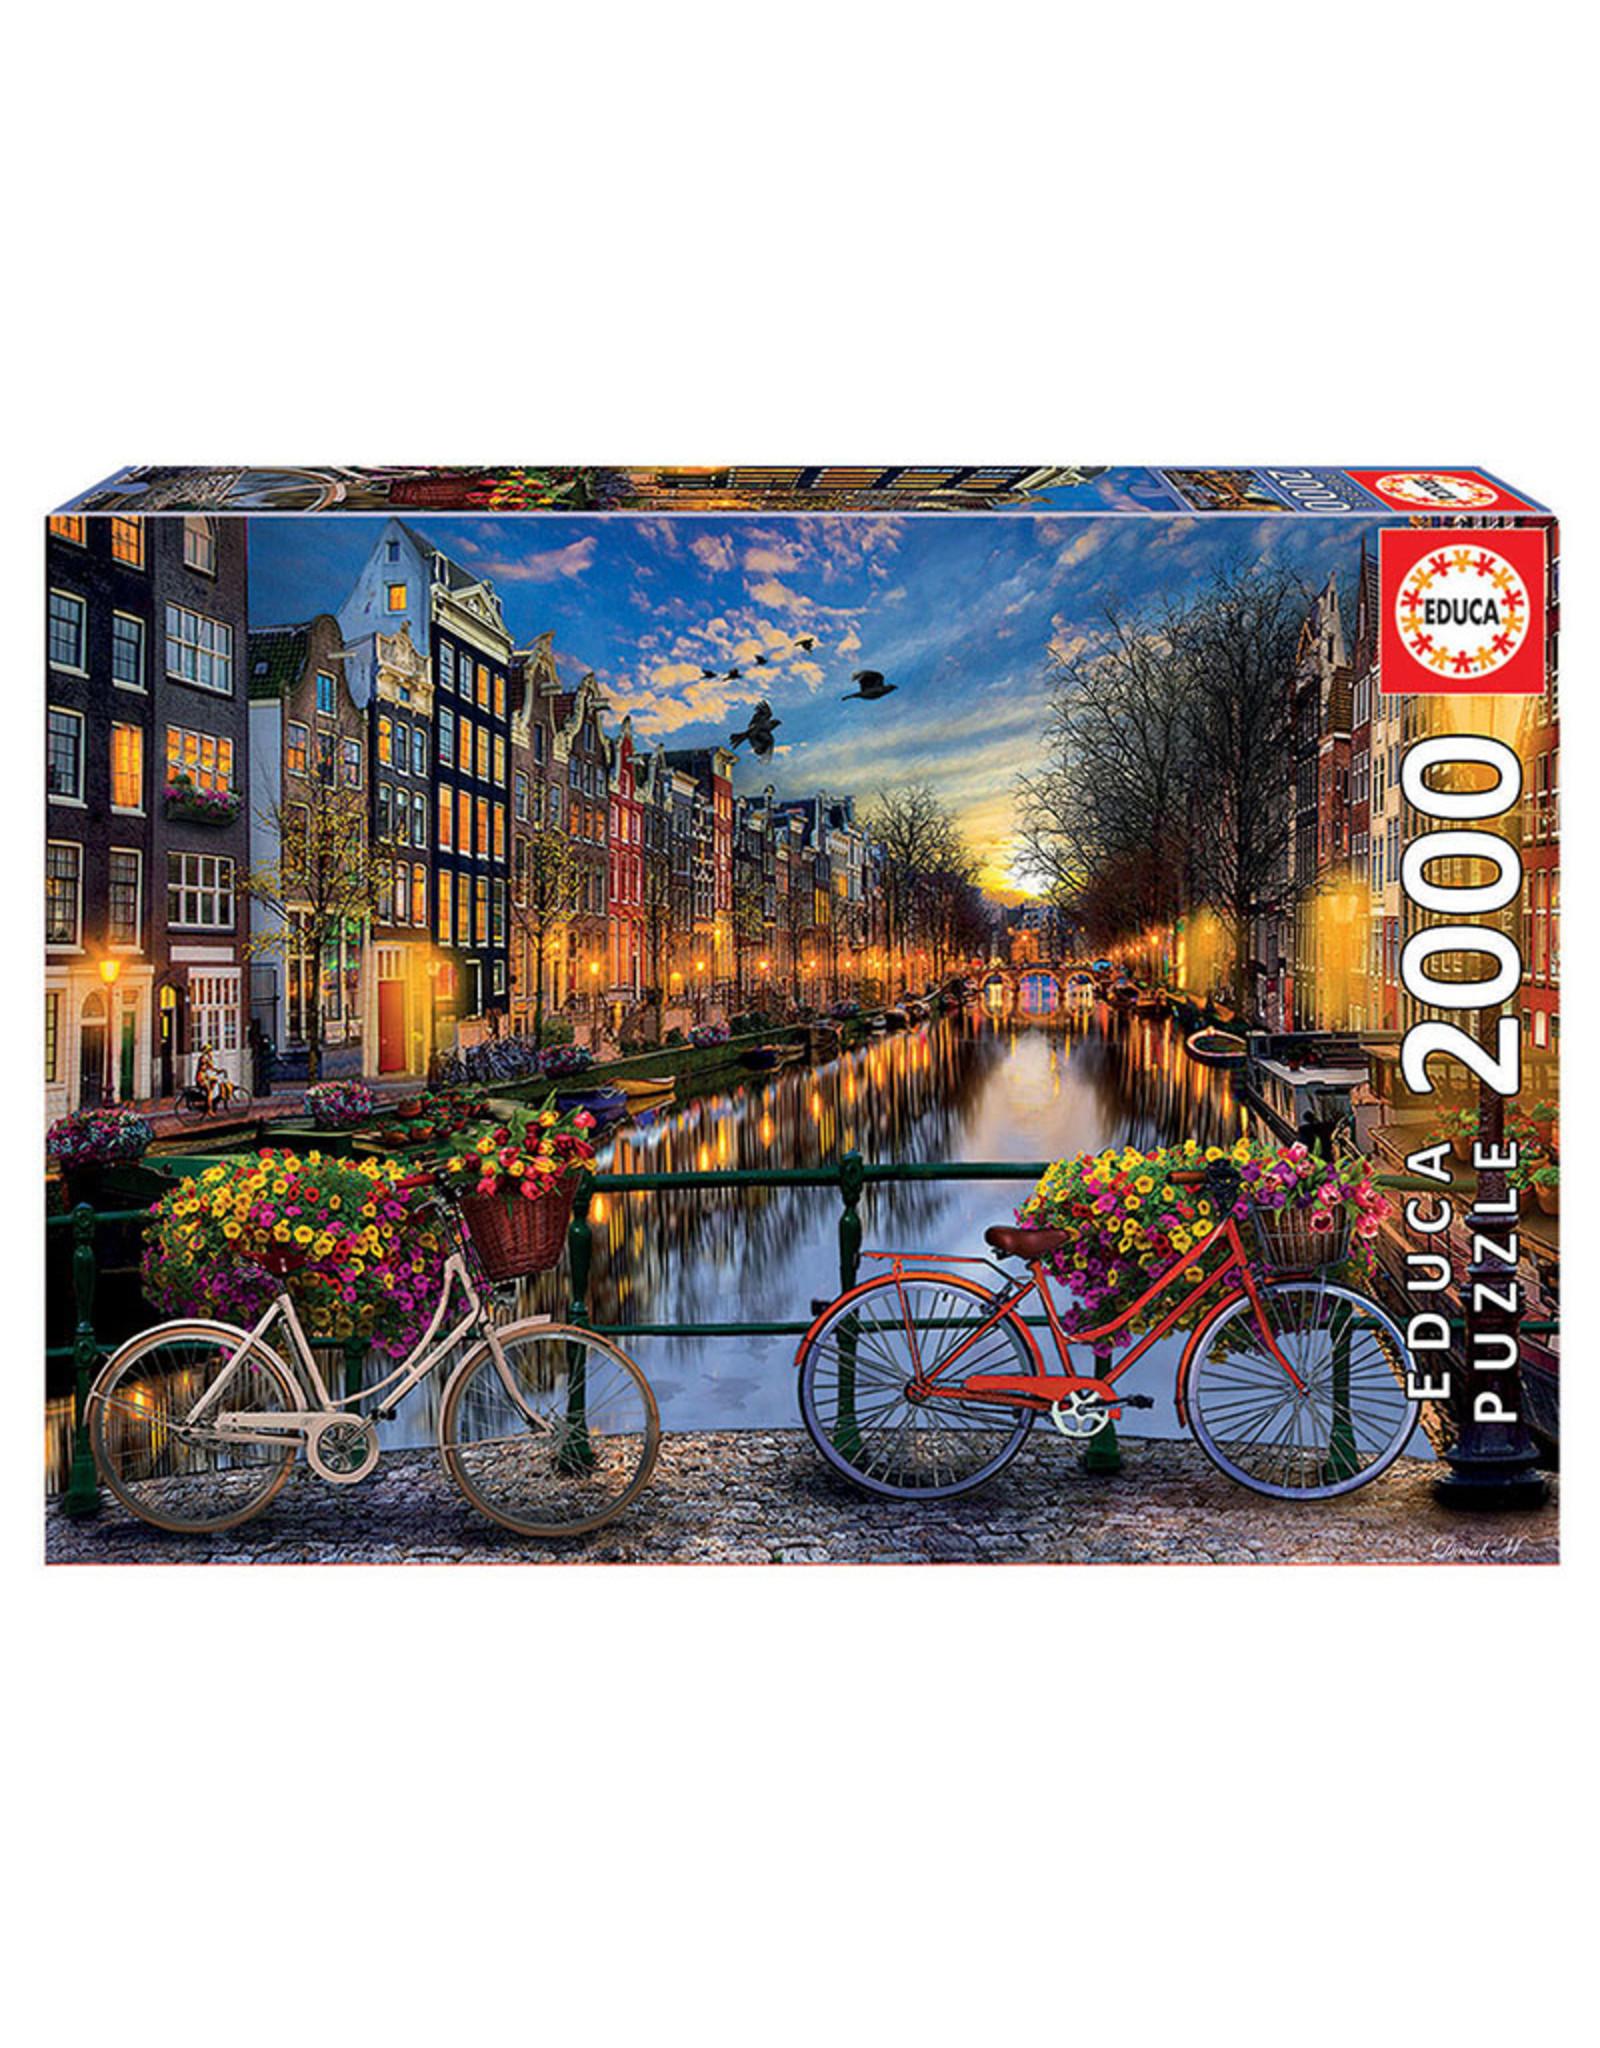 Educa Amsterdam 2000pc Puzzle